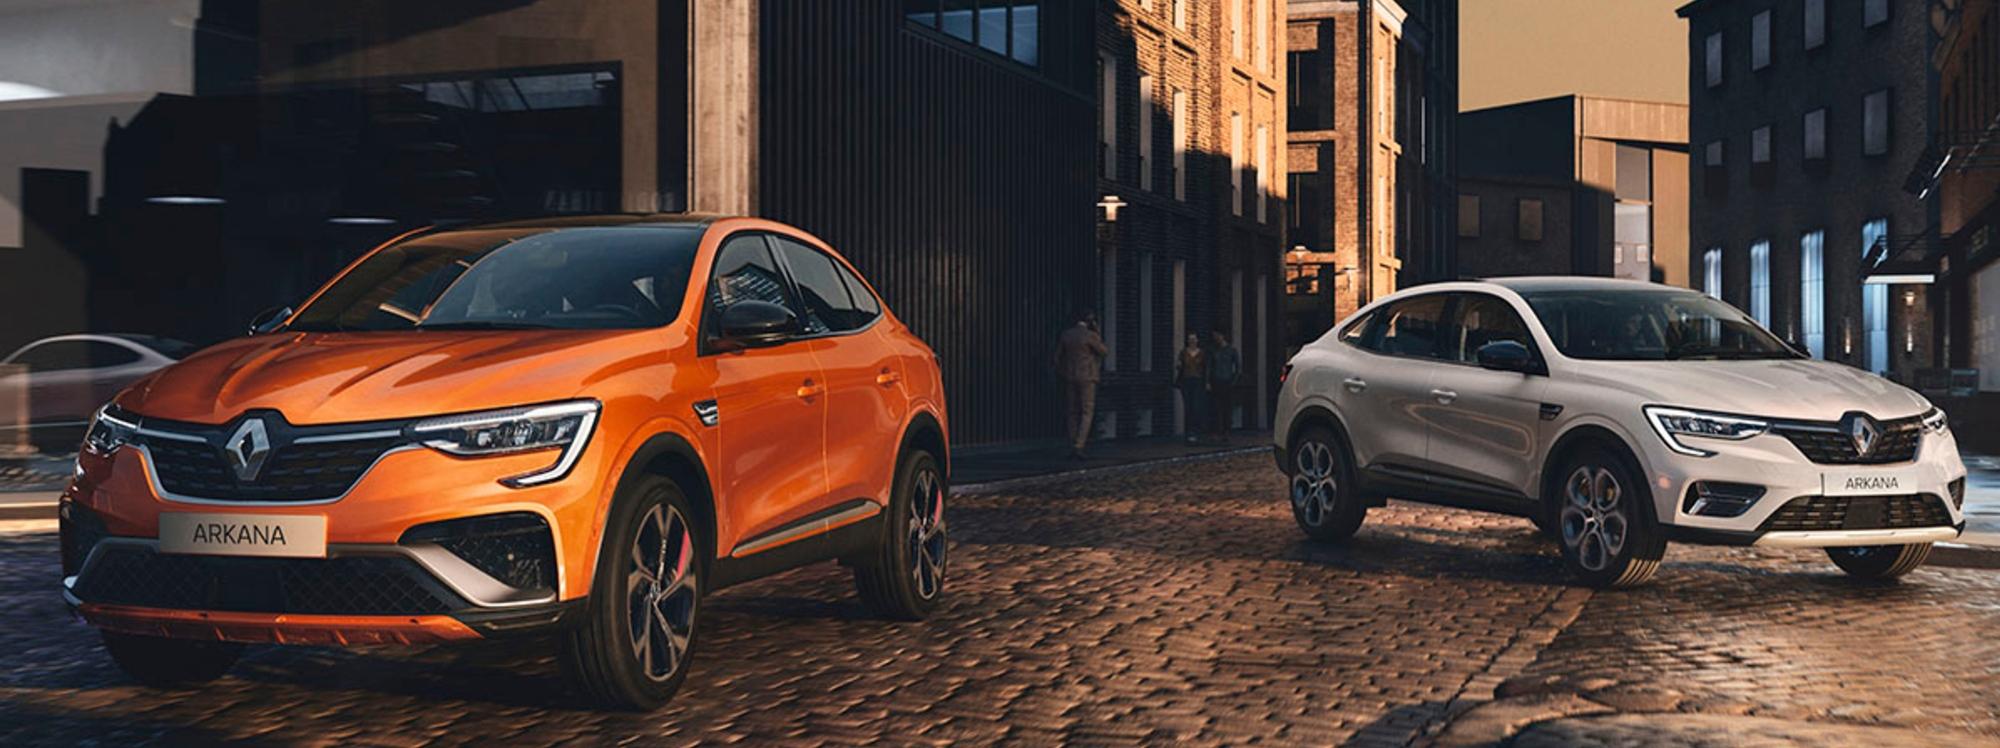 El Renault Arkana ahora es un modelo global